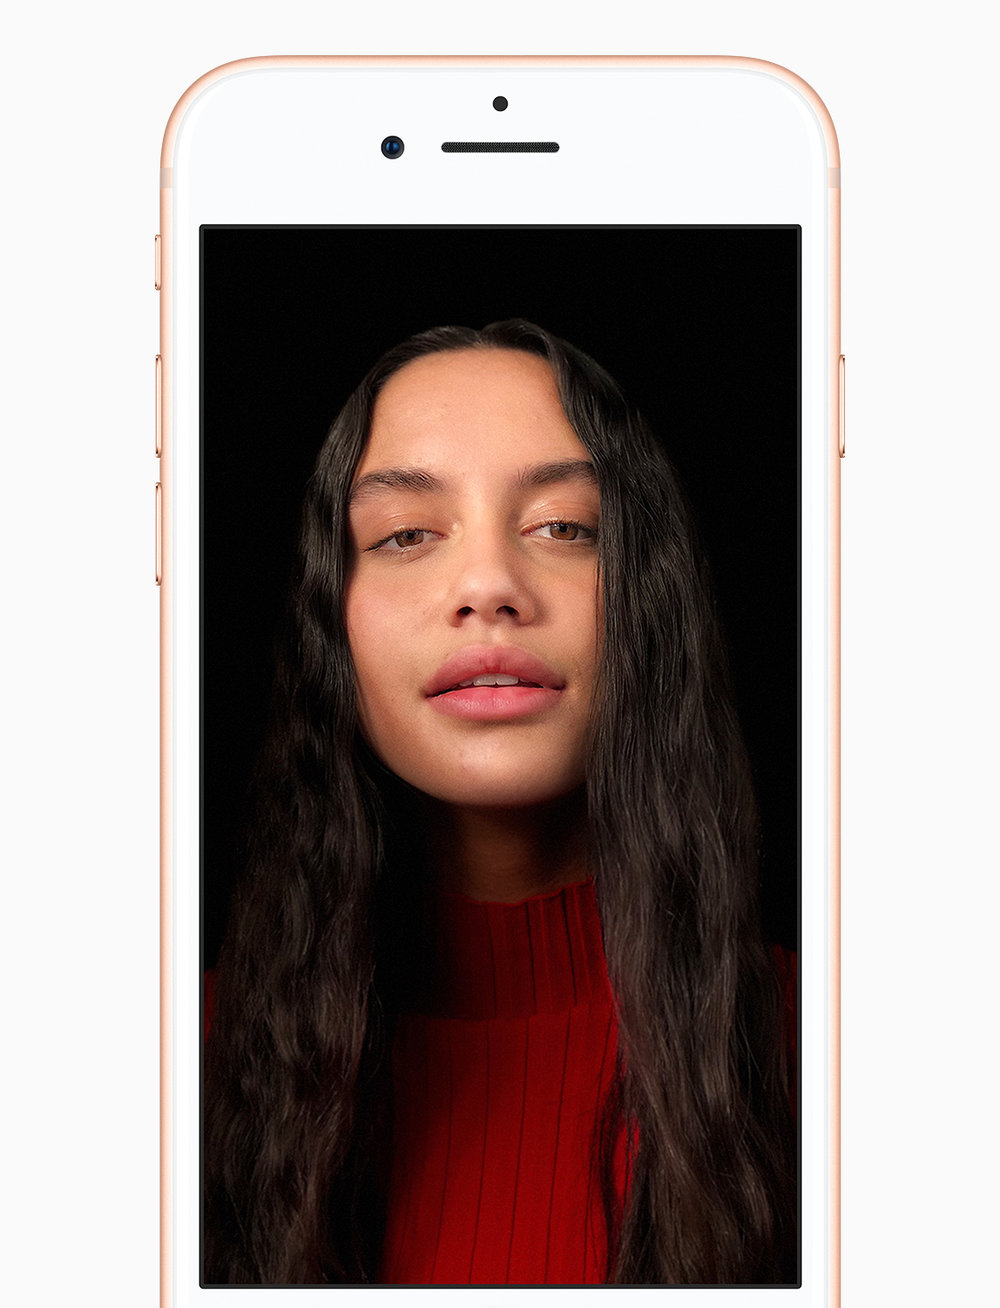 Image via  Apple